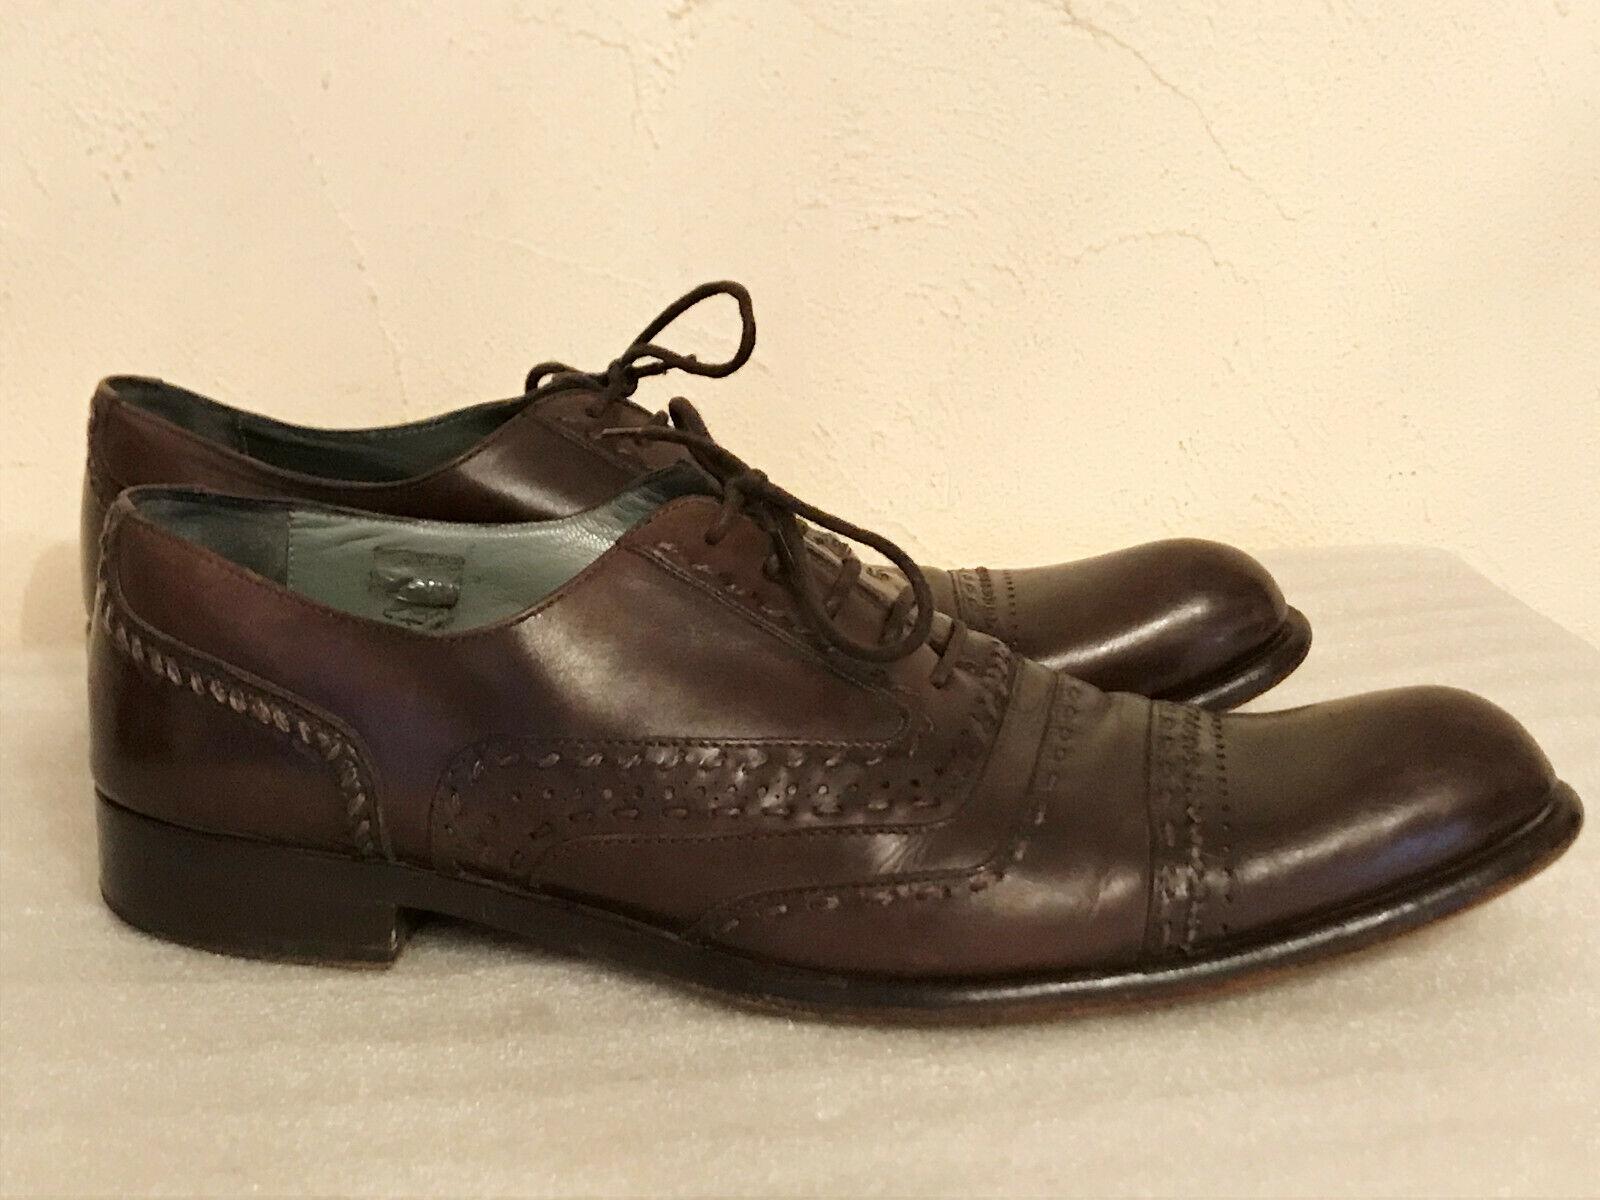 KENZO, Chaussures à lacets, DERBIES, pointure 7,5 uk SOIT 41,5 fr,